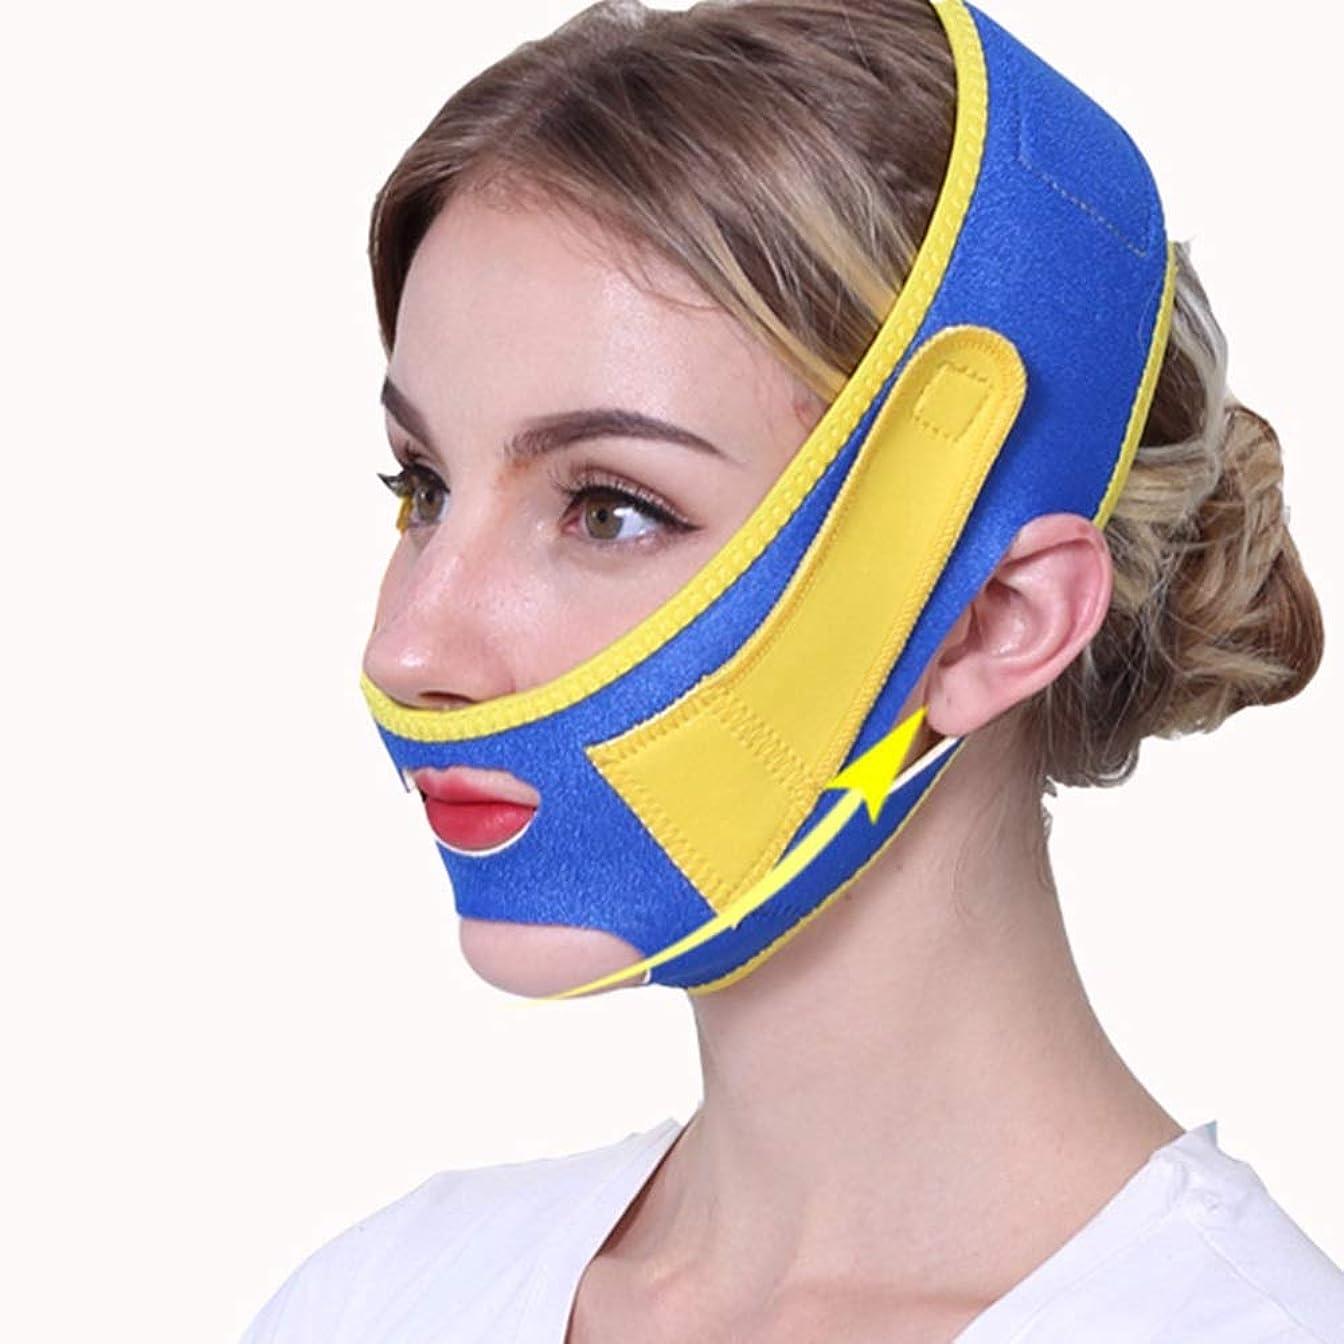 批判的規模保存するフェイシャルリフティング痩身ベルトフェイス包帯マスク整形マスクフェイスベルトを引き締める薄型フェイス包帯整形マスクフェイスと首の顔を引き締めスリム